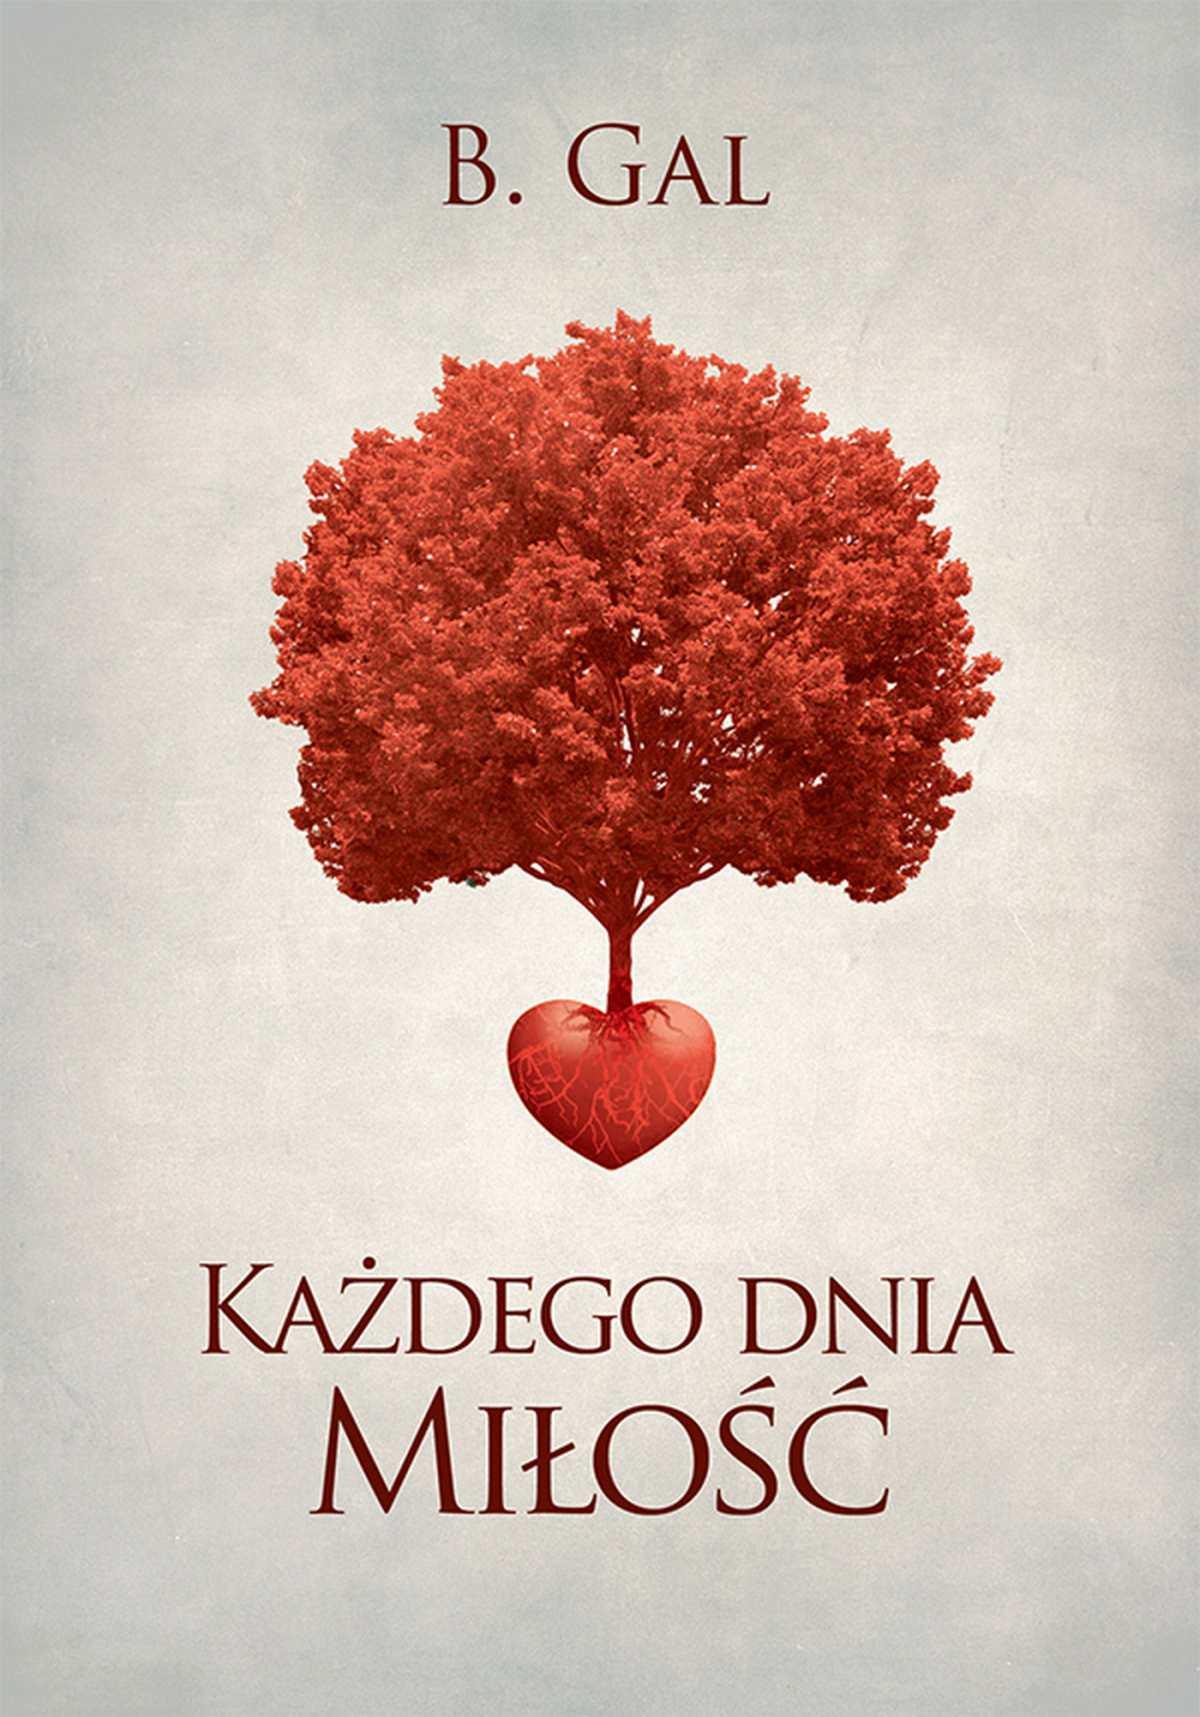 Każdego dnia miłość - Ebook (Książka na Kindle) do pobrania w formacie MOBI